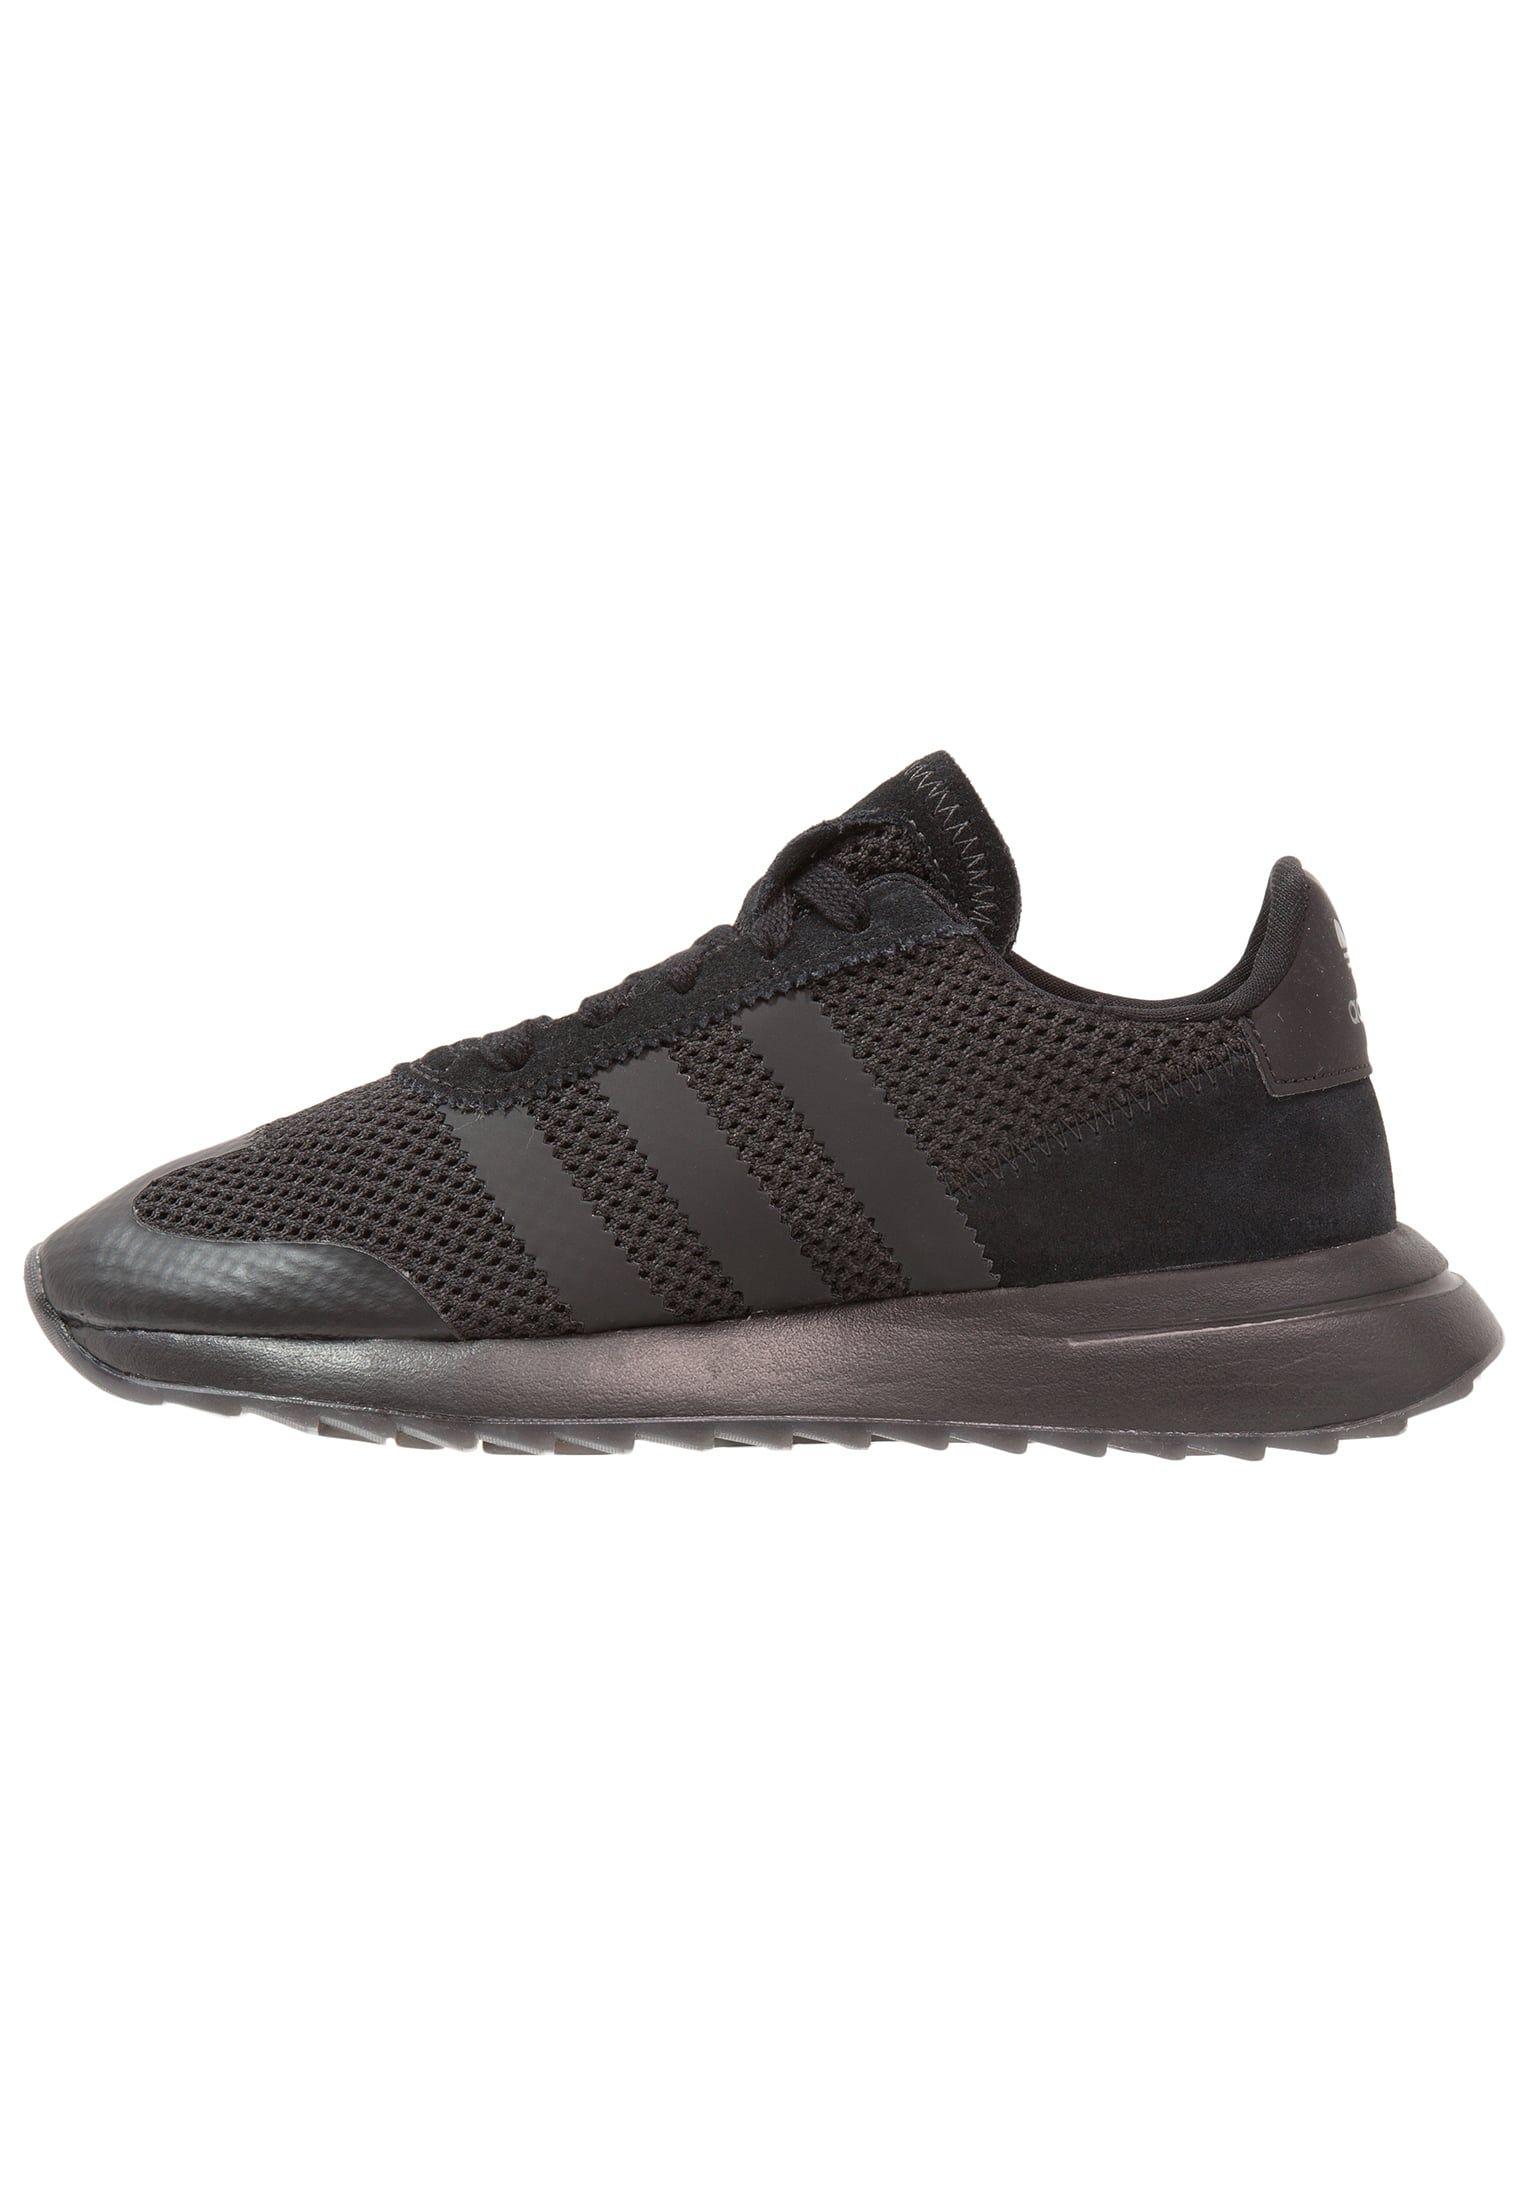 Entender mal Departamento Hacer  adidas Originals FLASHBACK - Baskets basses - core black/utility black -  ZALANDO.BE | Zapatillas bajitas, Zapatillas mujer, Tipos de zapatillas